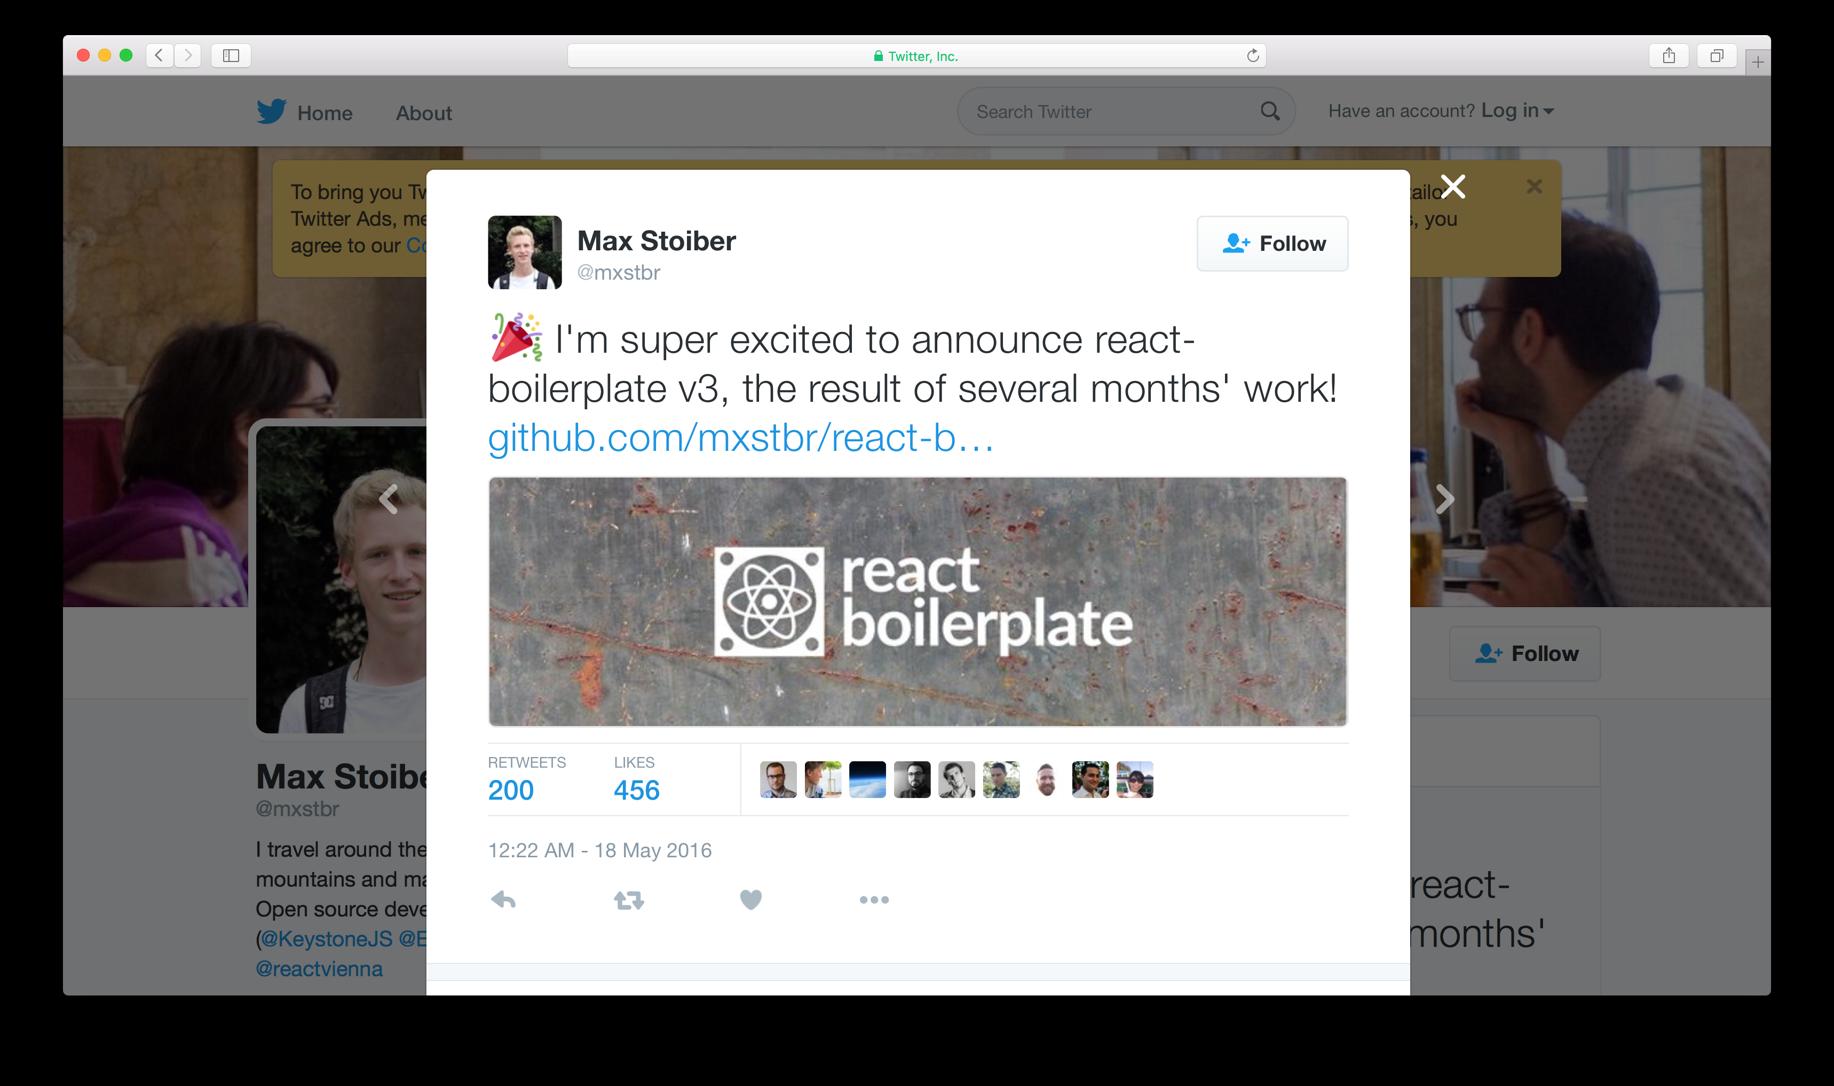 Max Stoiber (@mxstbr) - JavaScript Engineer